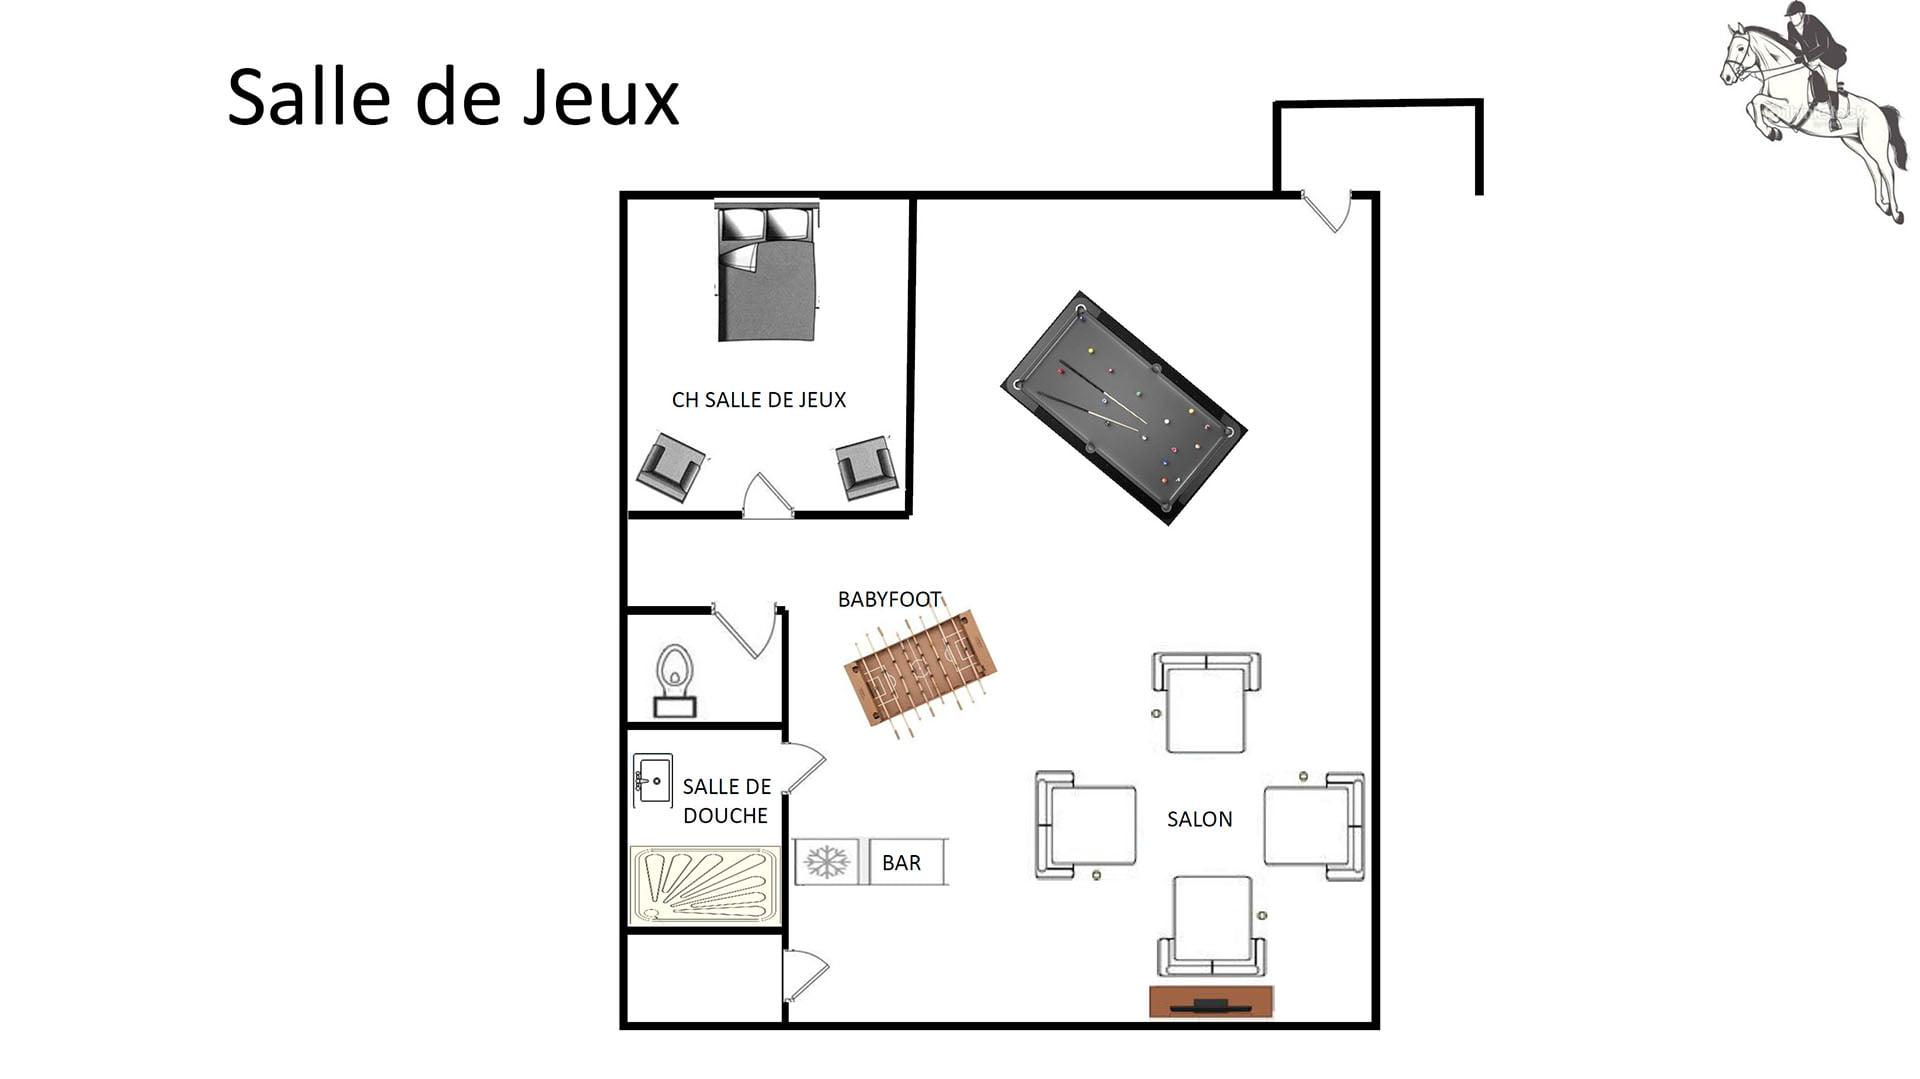 Plan salle de jeux les ecuries val de mai - GITE LES ECURIES VAL DE MAI - Location de Gite La Clef Decamp - Laclefdecamp.fr